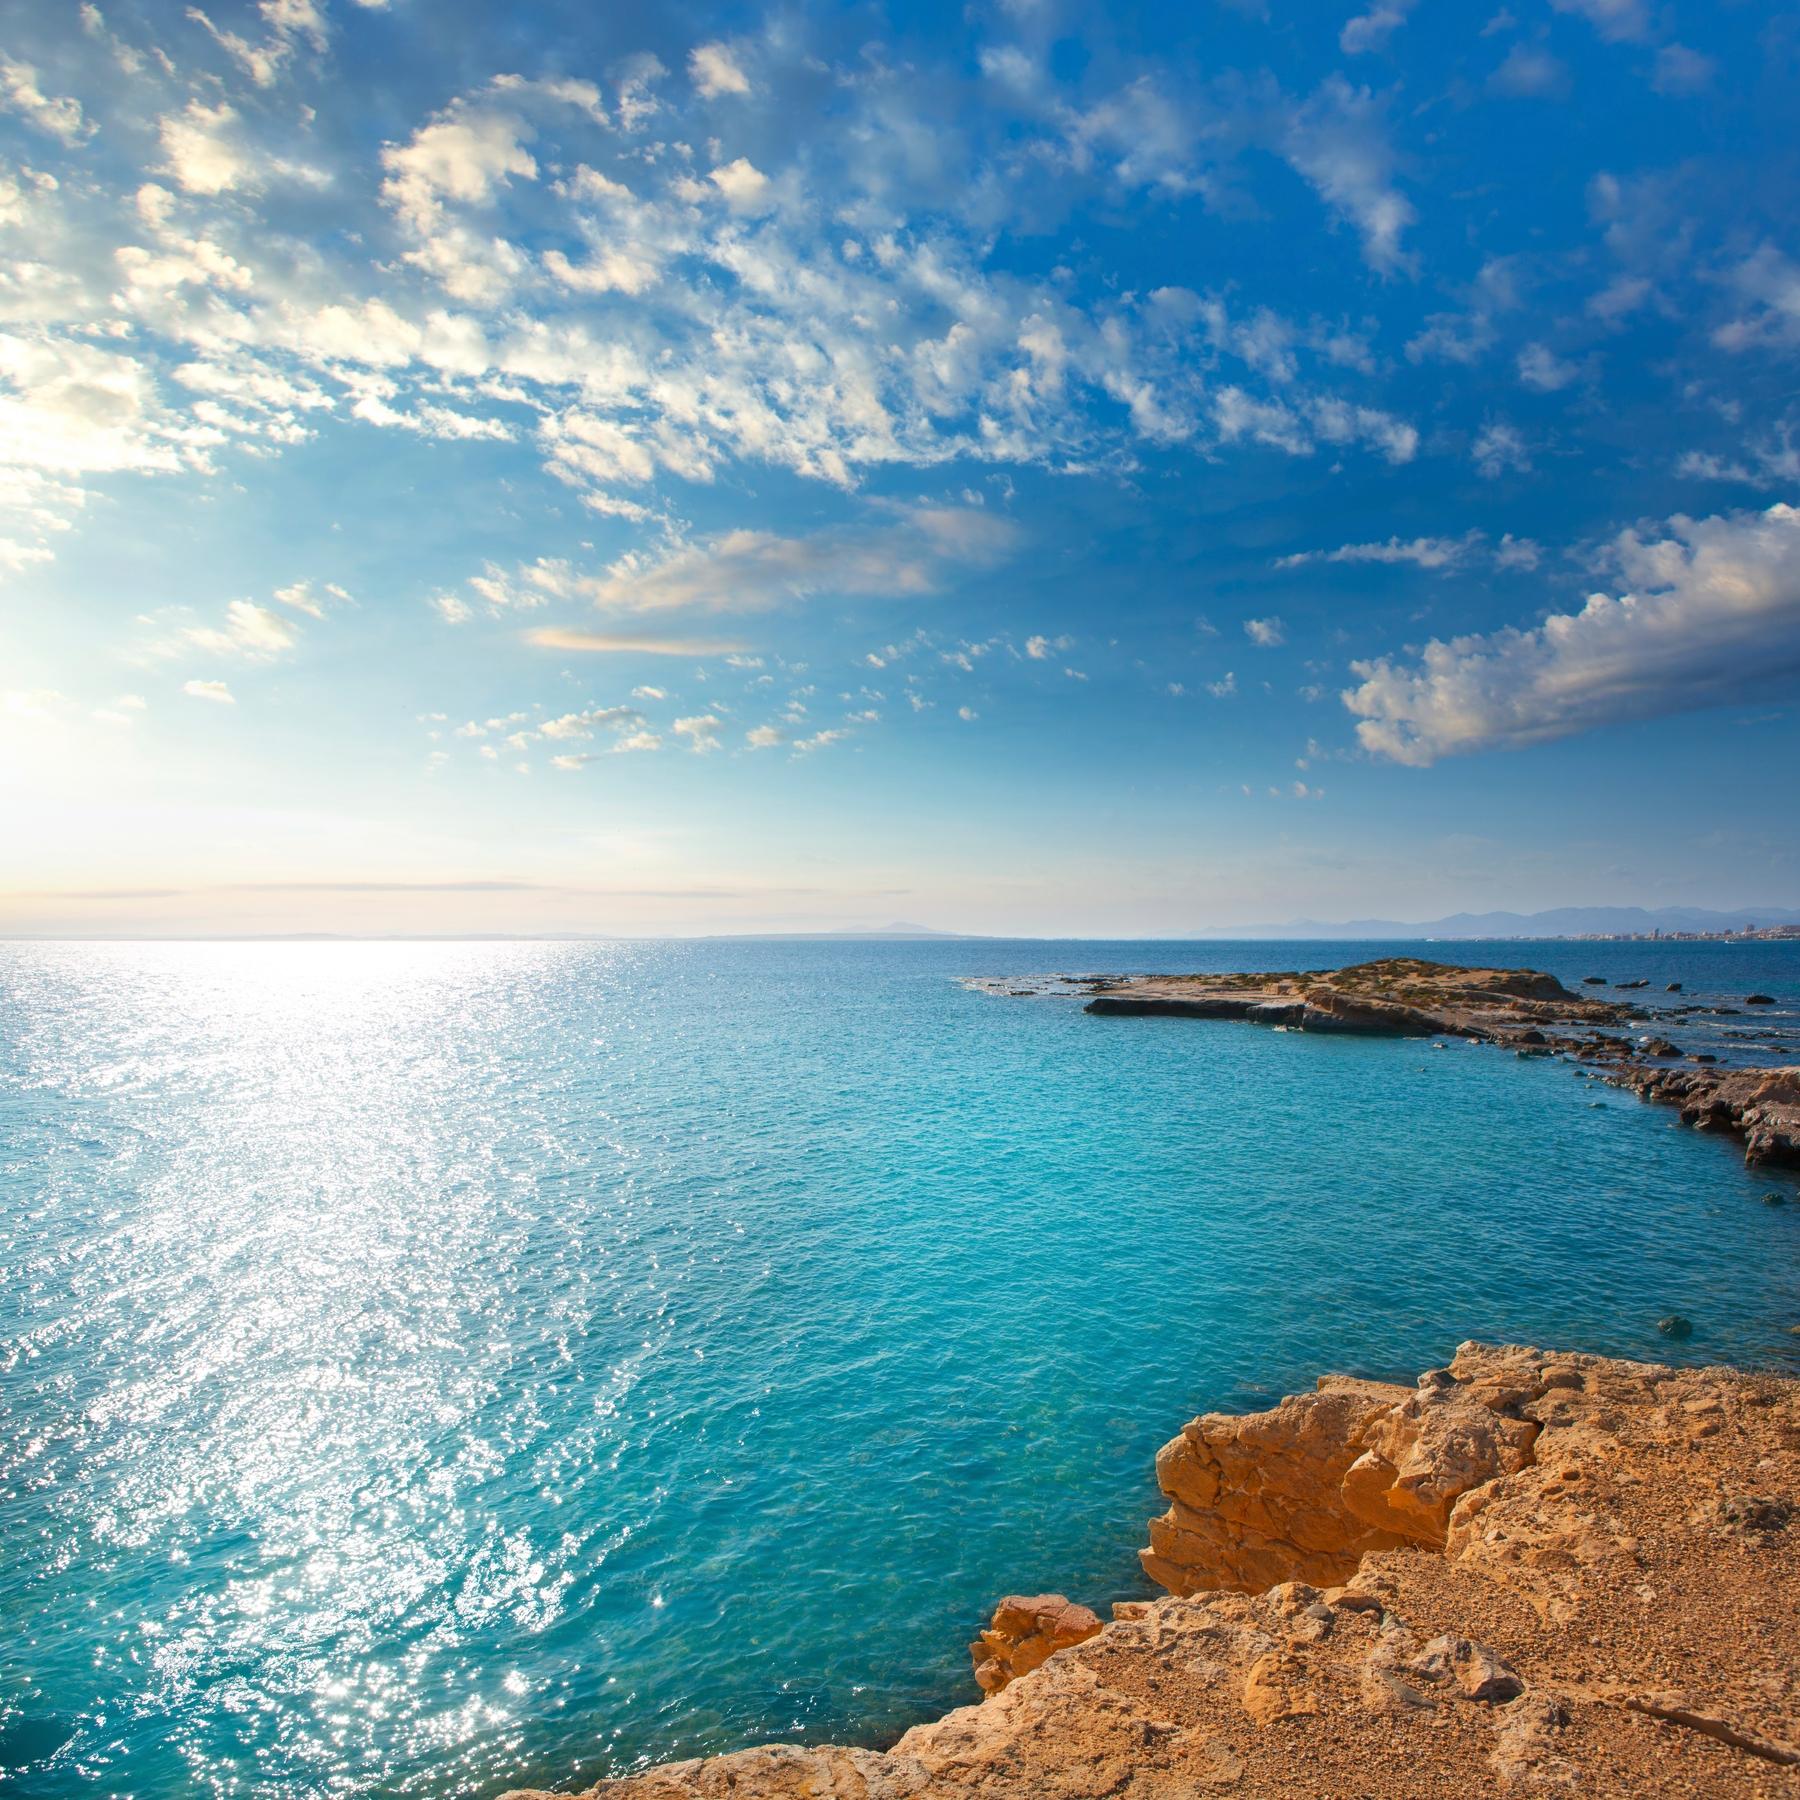 La isla de Tabarca es el paraíso en la tierra.